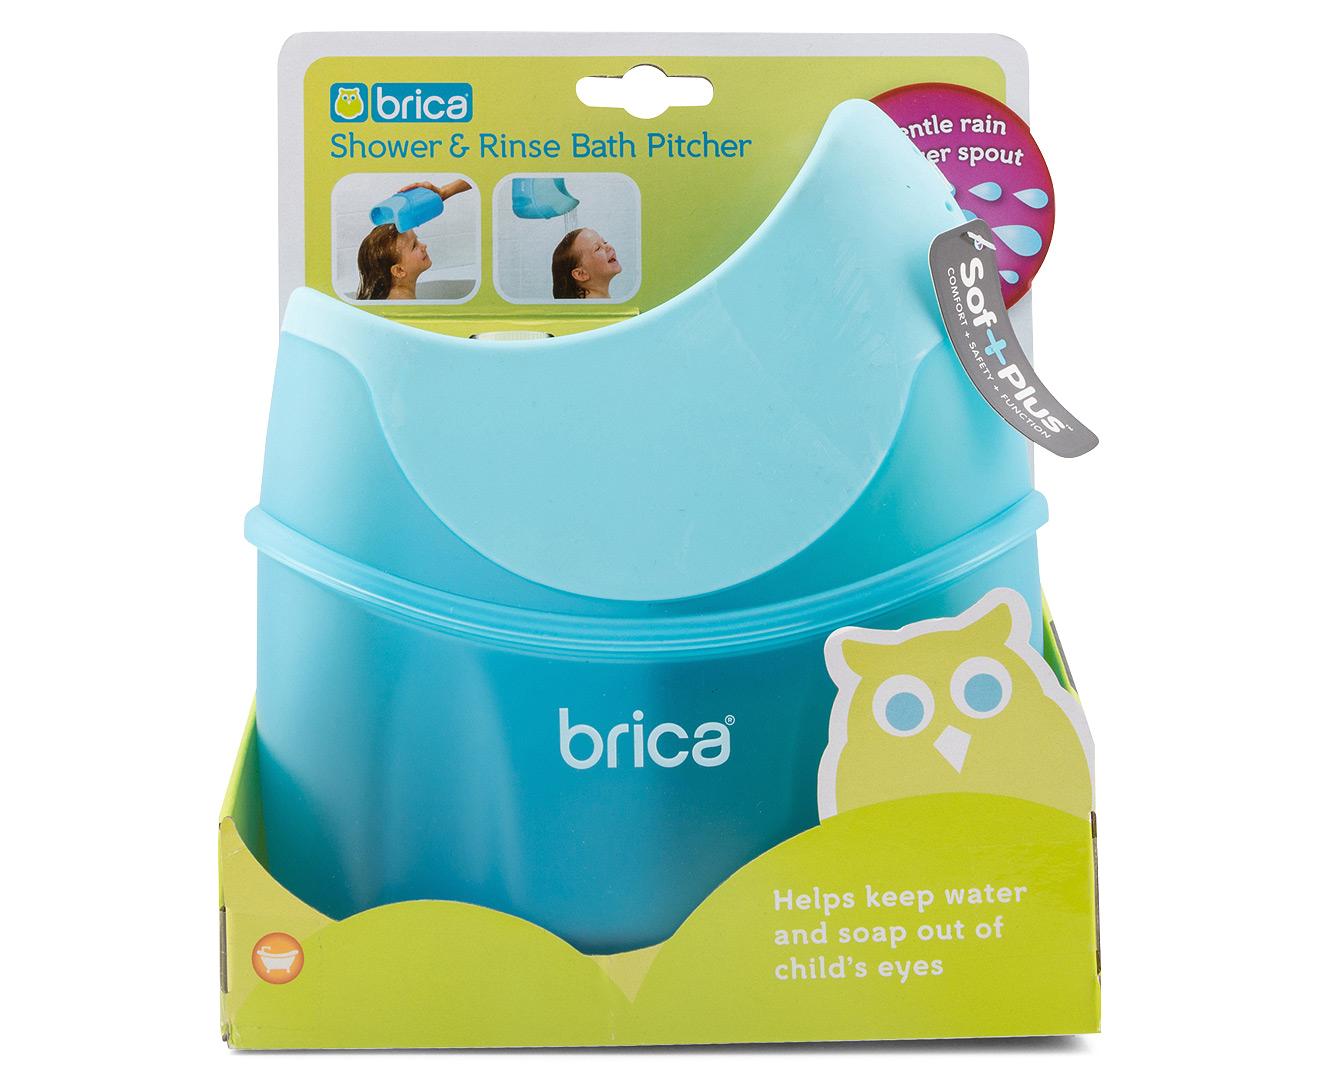 brica shower rinse bath pitcher